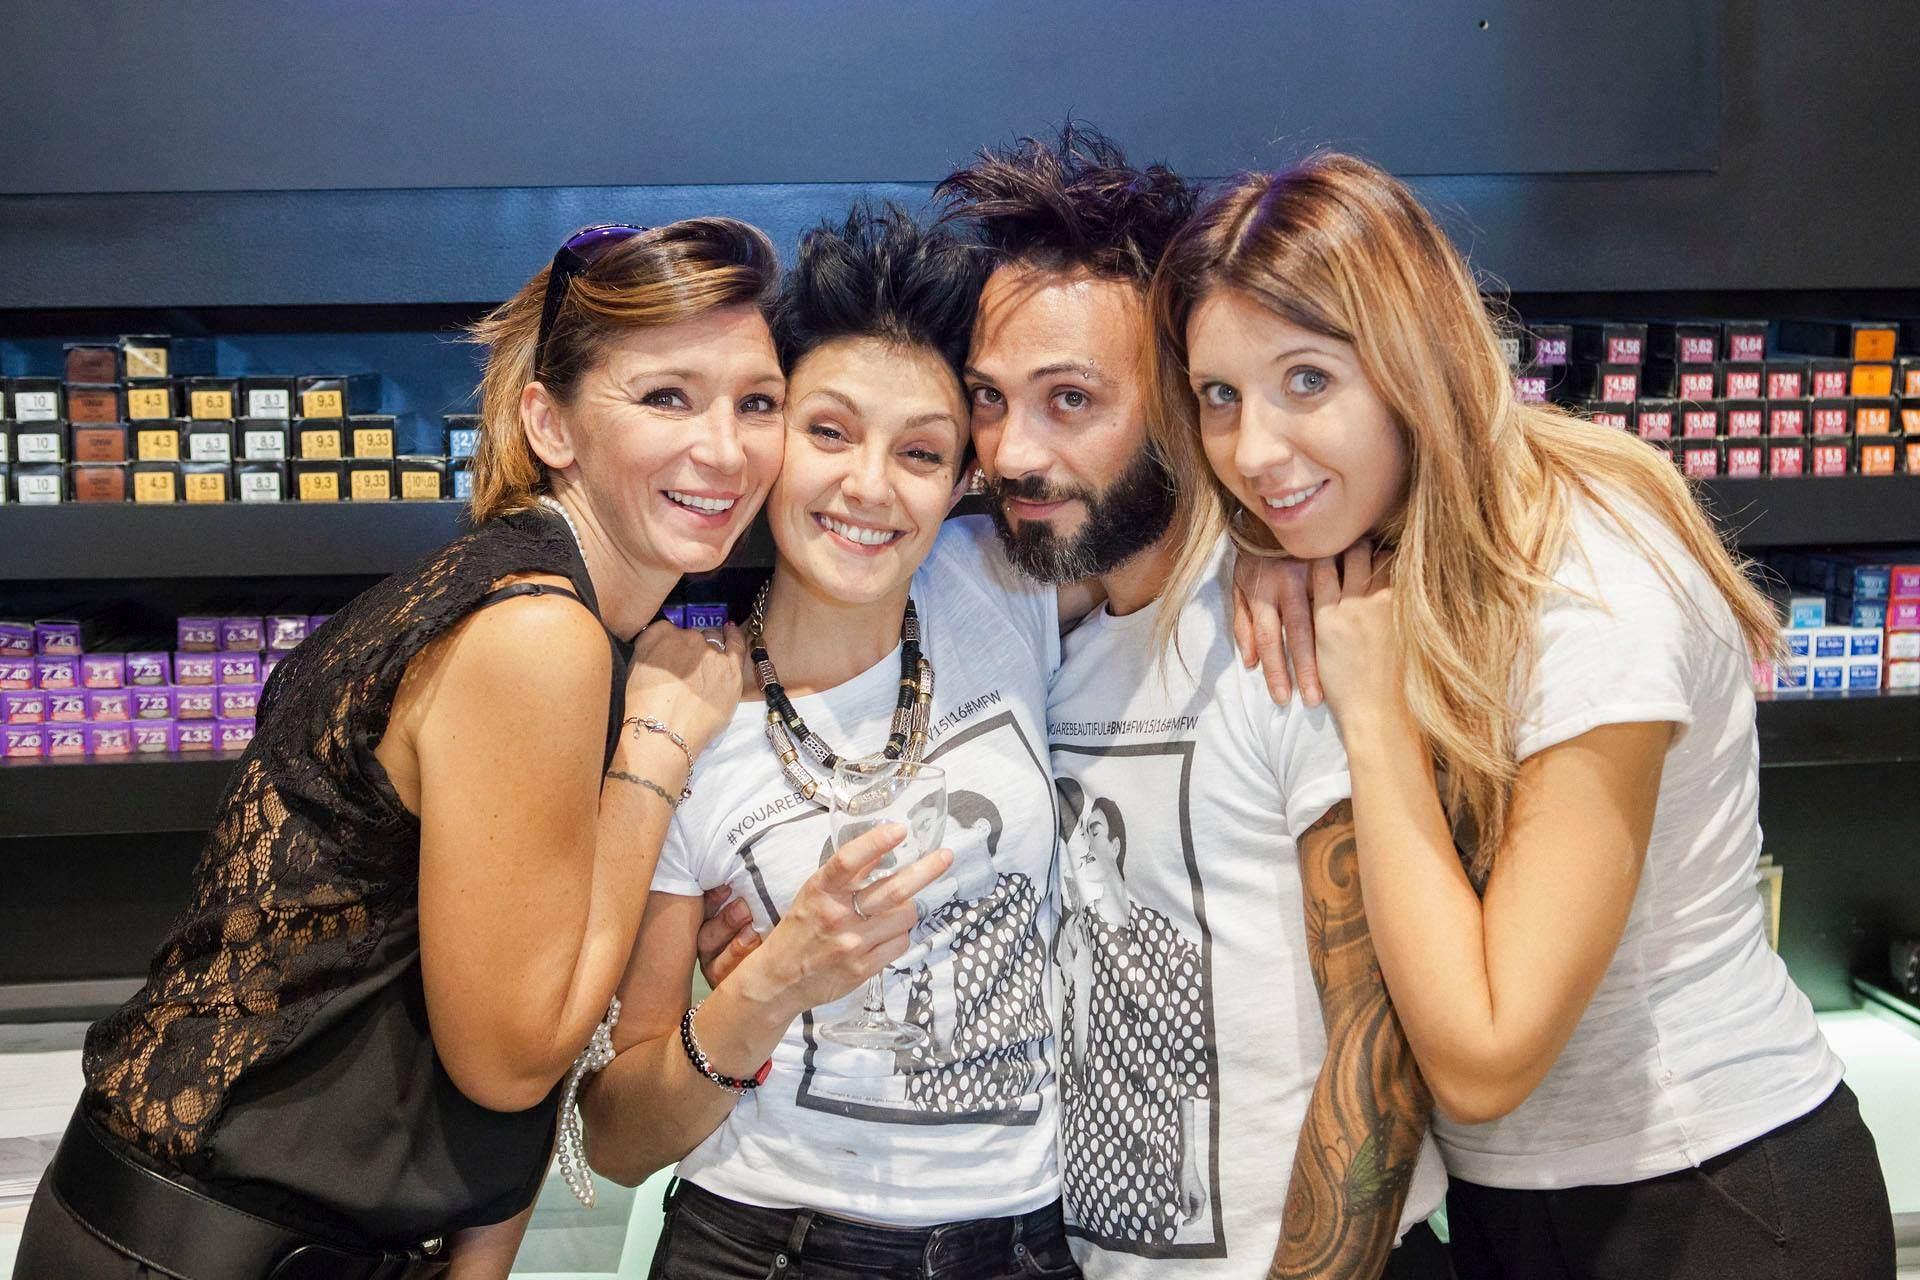 Foto di gruppo del titolare e dei suoi collaboratori di un salone di parrucchieri